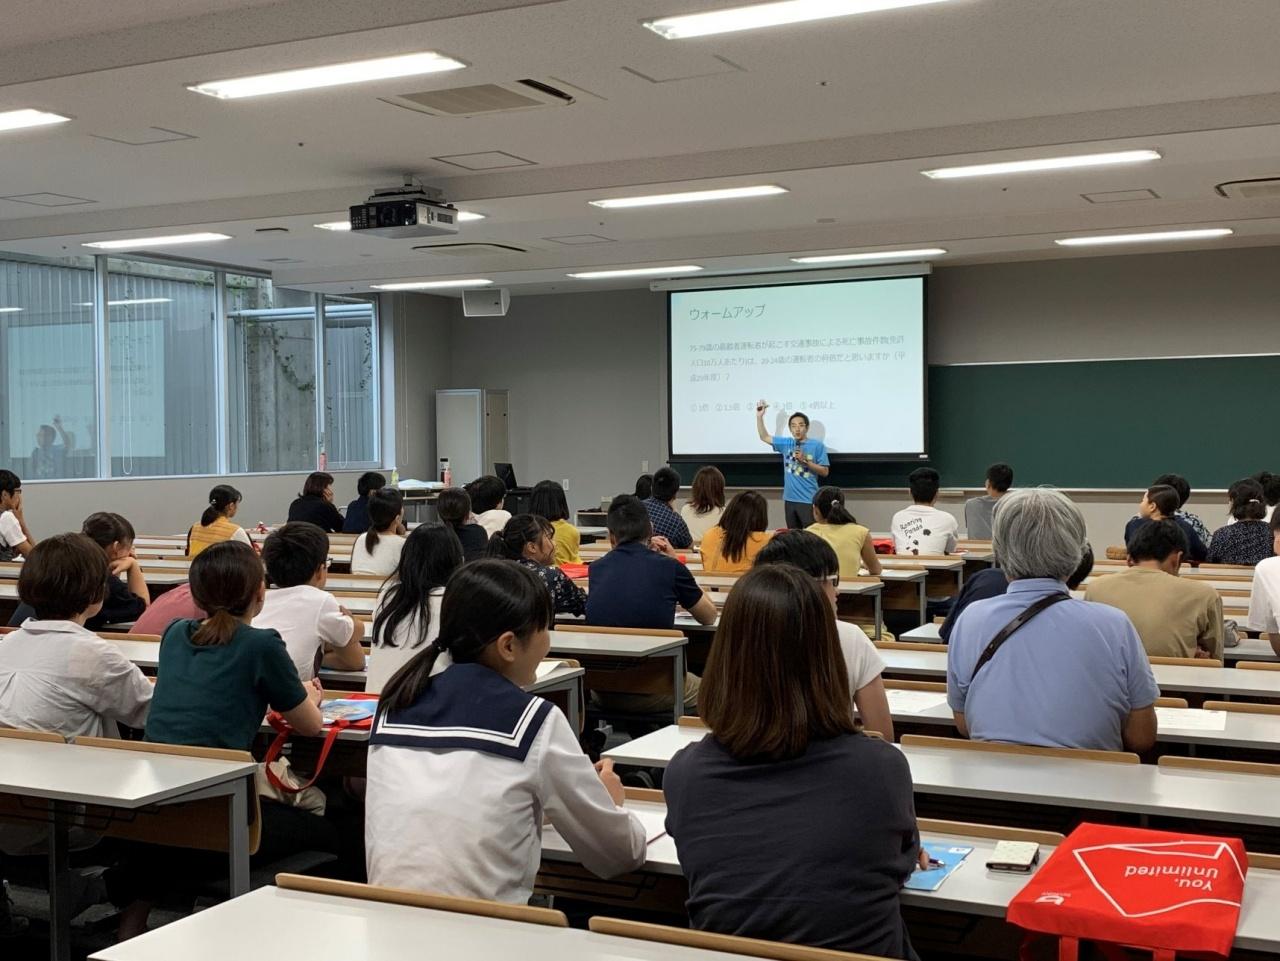 模擬講義「経済学とデータ分析から社会を読み解く」(渡邉 正英 准教授)